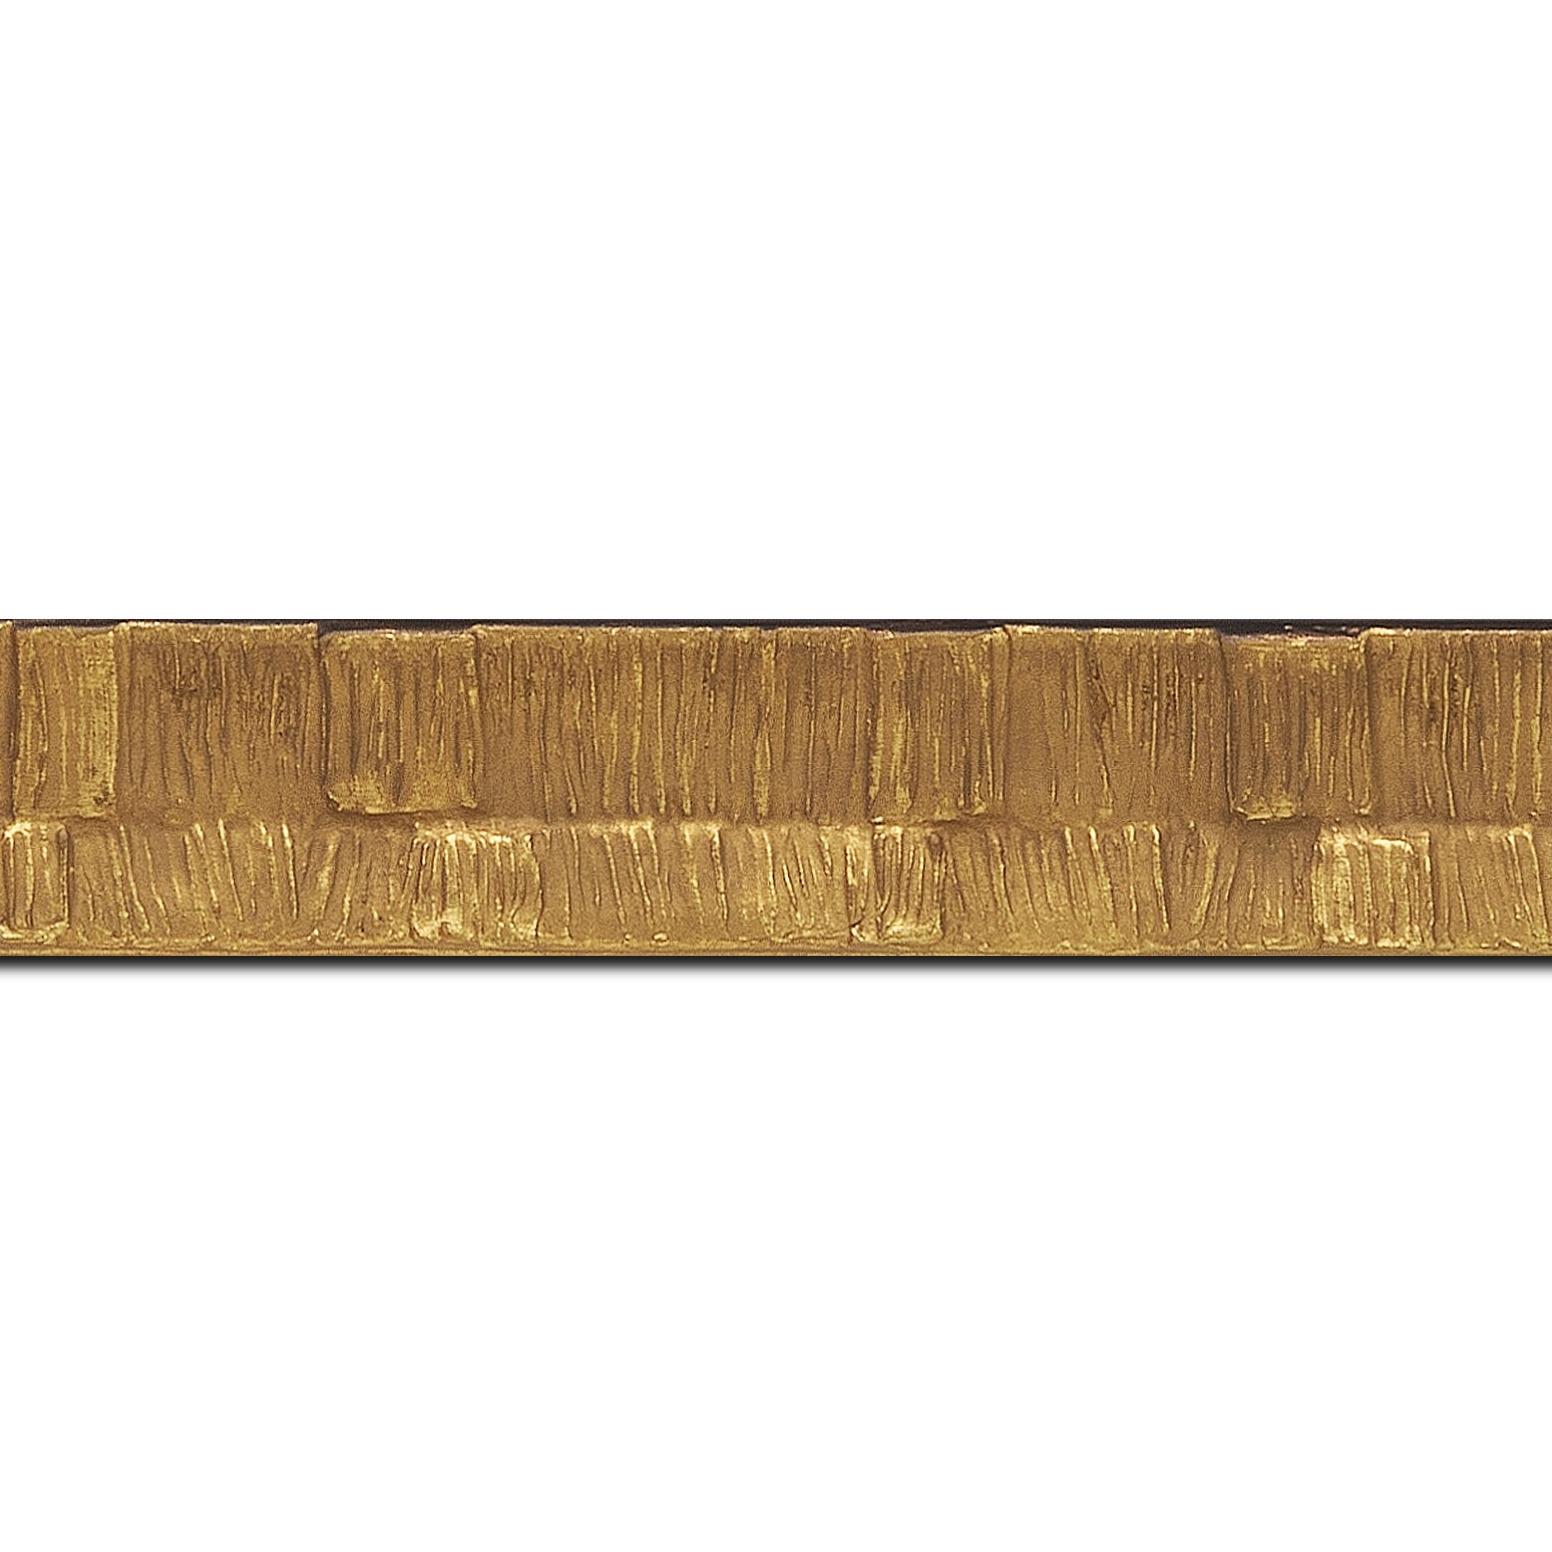 Baguette longueur 1.40m bois profil incurvé largeur 3cm  couleur or finition ethnique